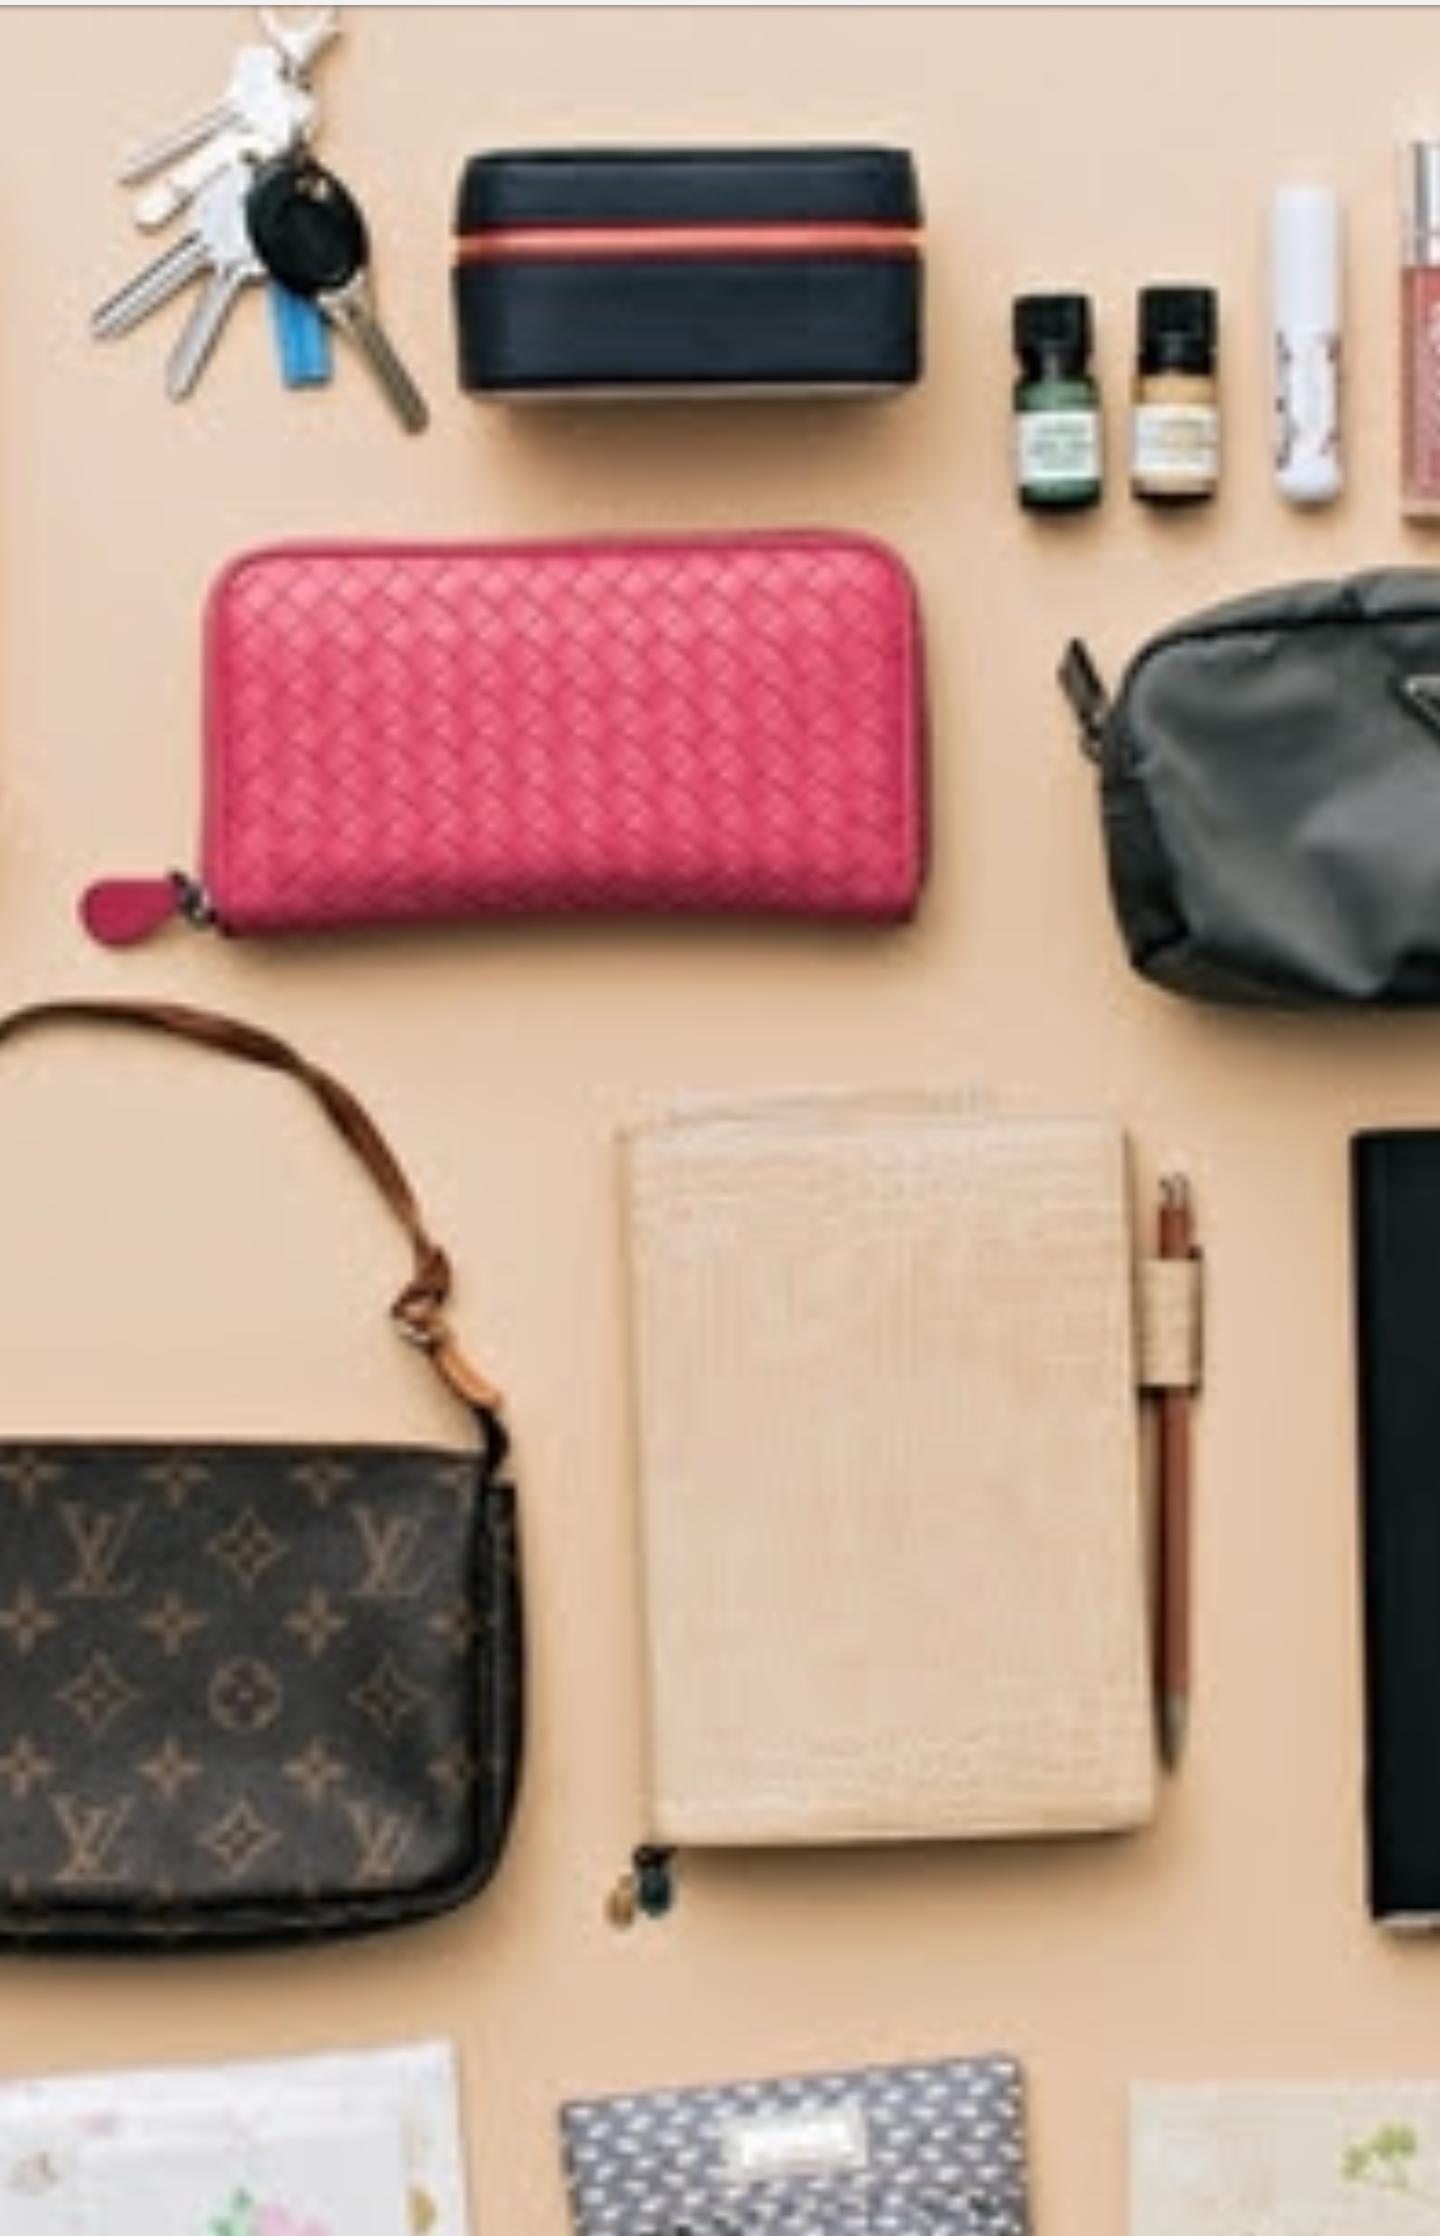 バッグの中はいつも何を入れてますか